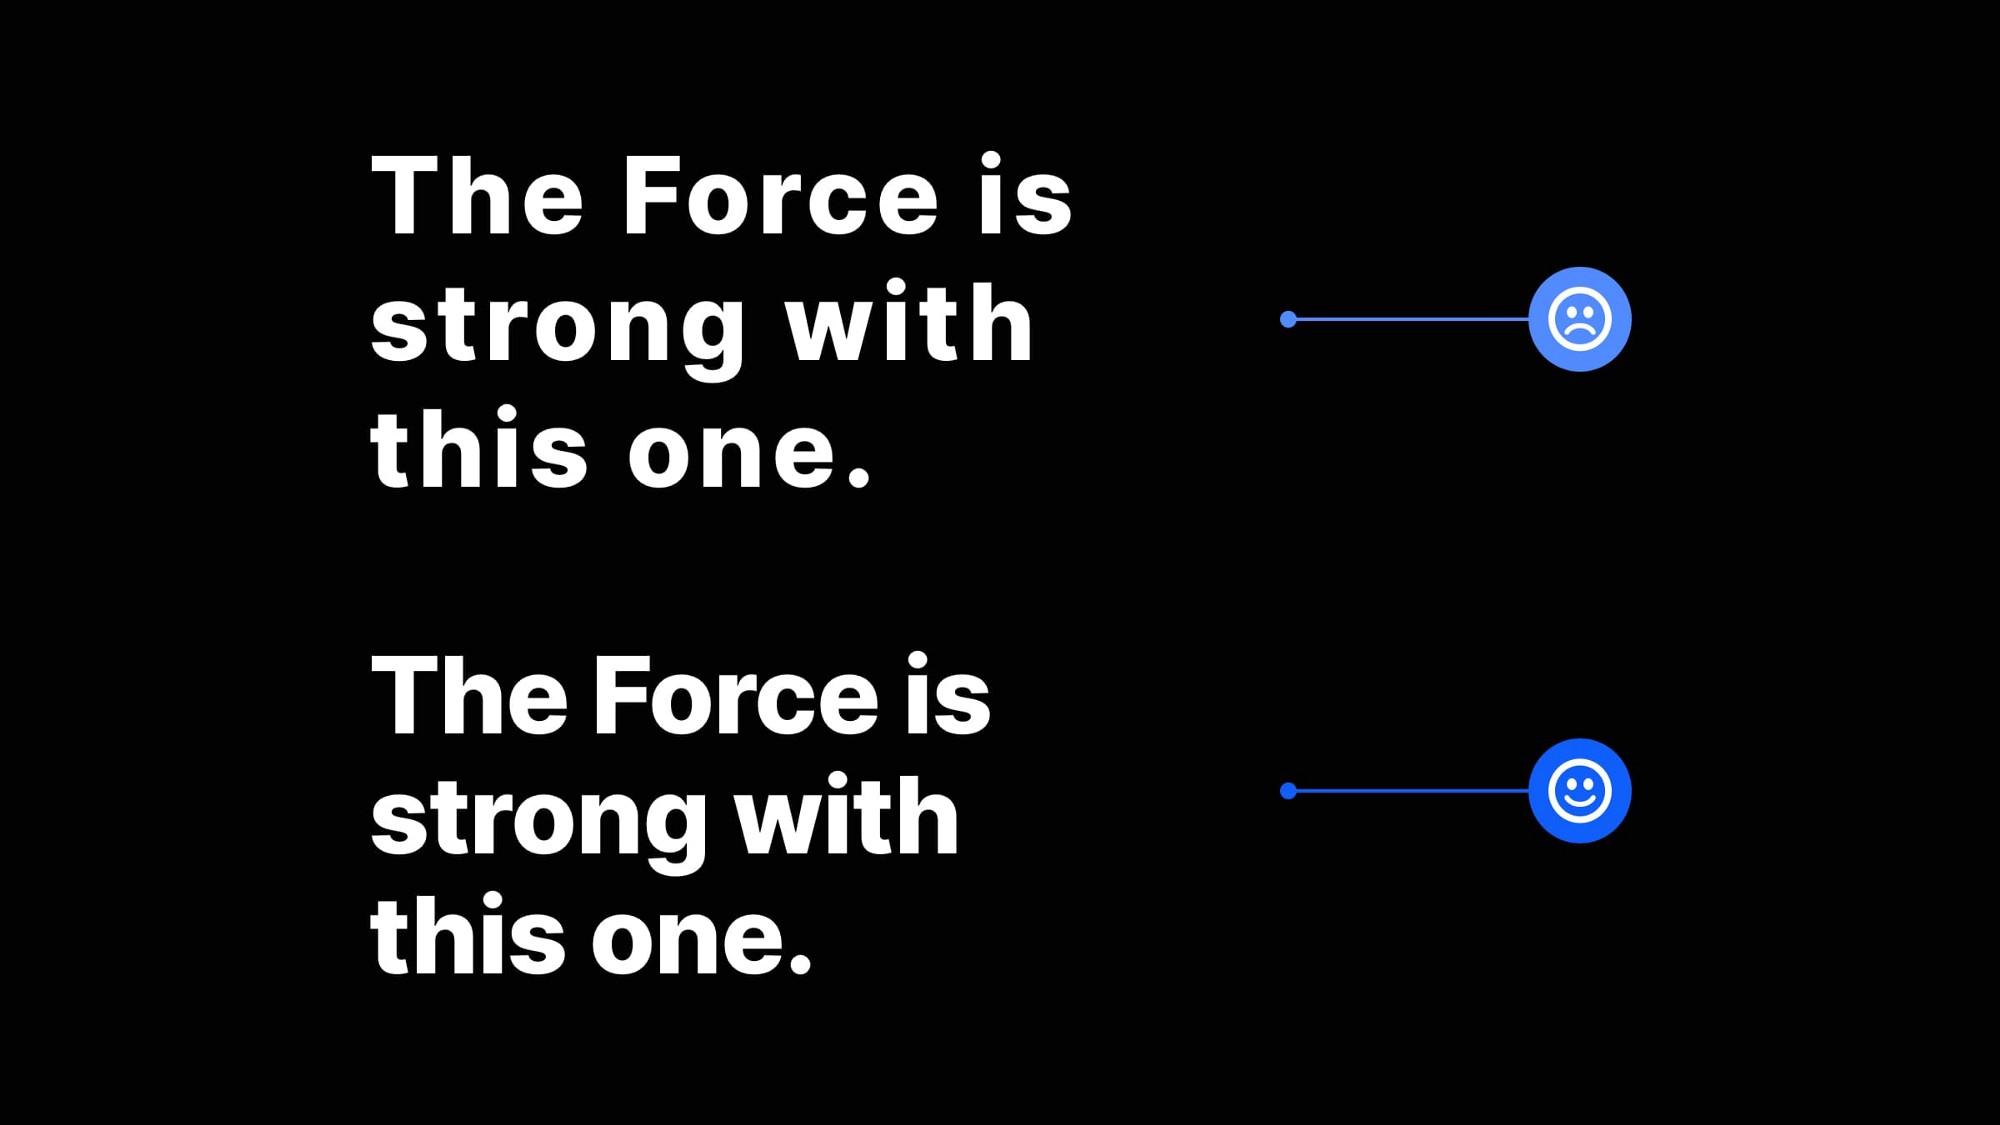 第六波!快速提升 UI 设计效果的 6 个小技巧